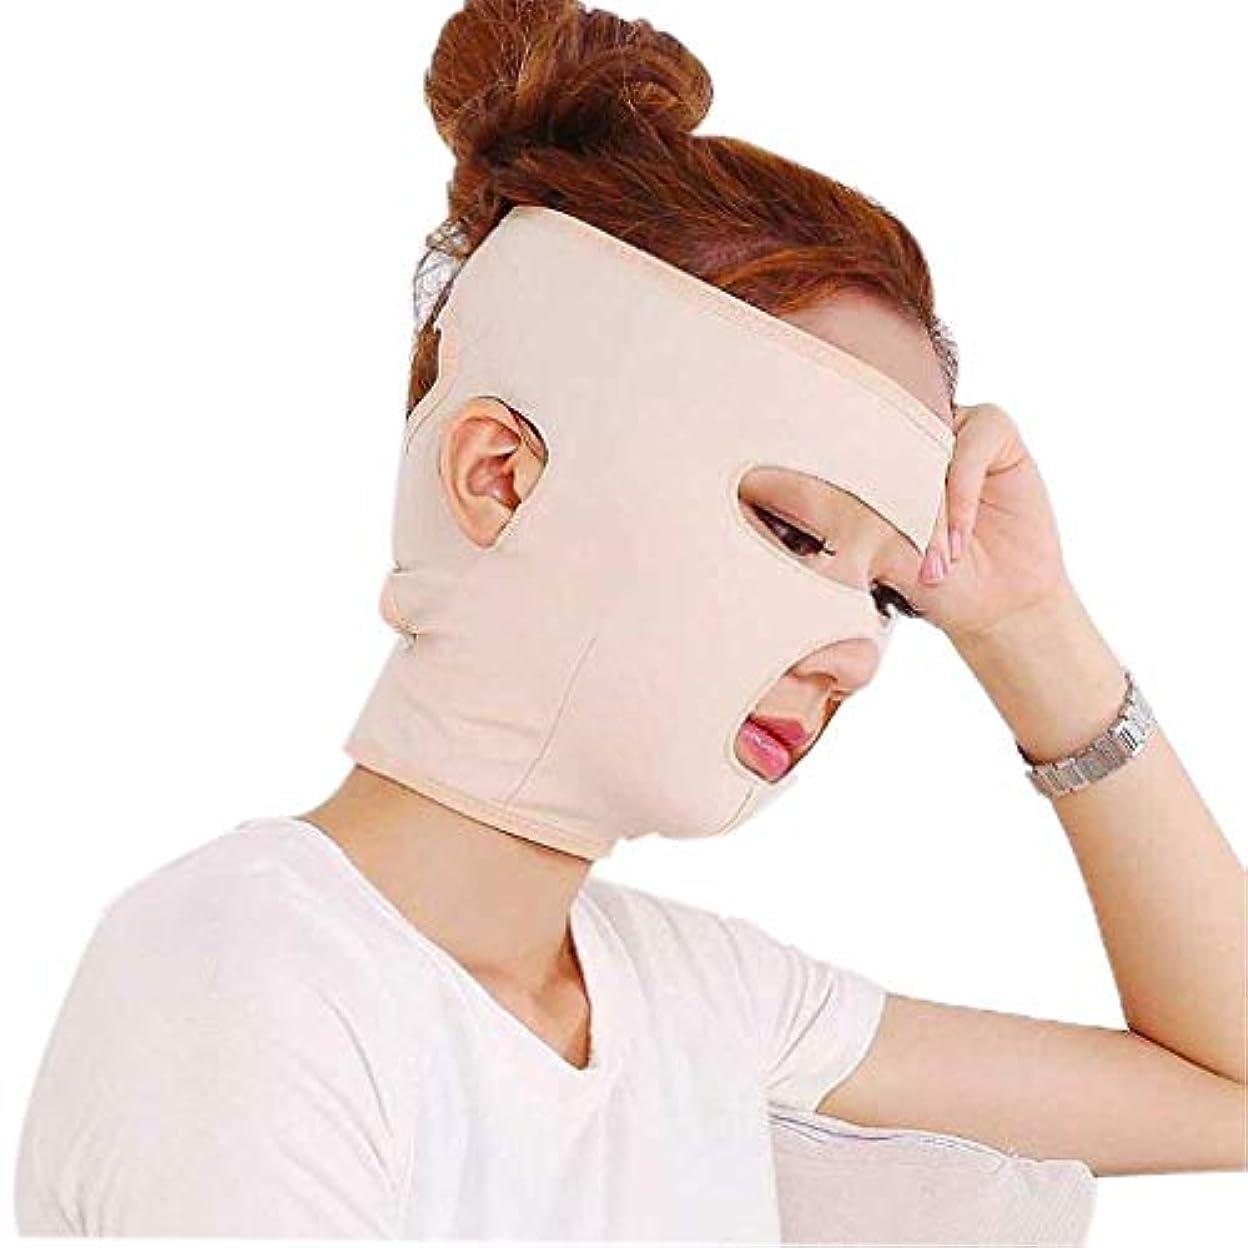 血ケーブル不快フェイスリフティングマスク、フルフェイス通気性の術後回復包帯リフティング引き締め肌の減少により小さなVフェイスマスクを作成(サイズ:L)